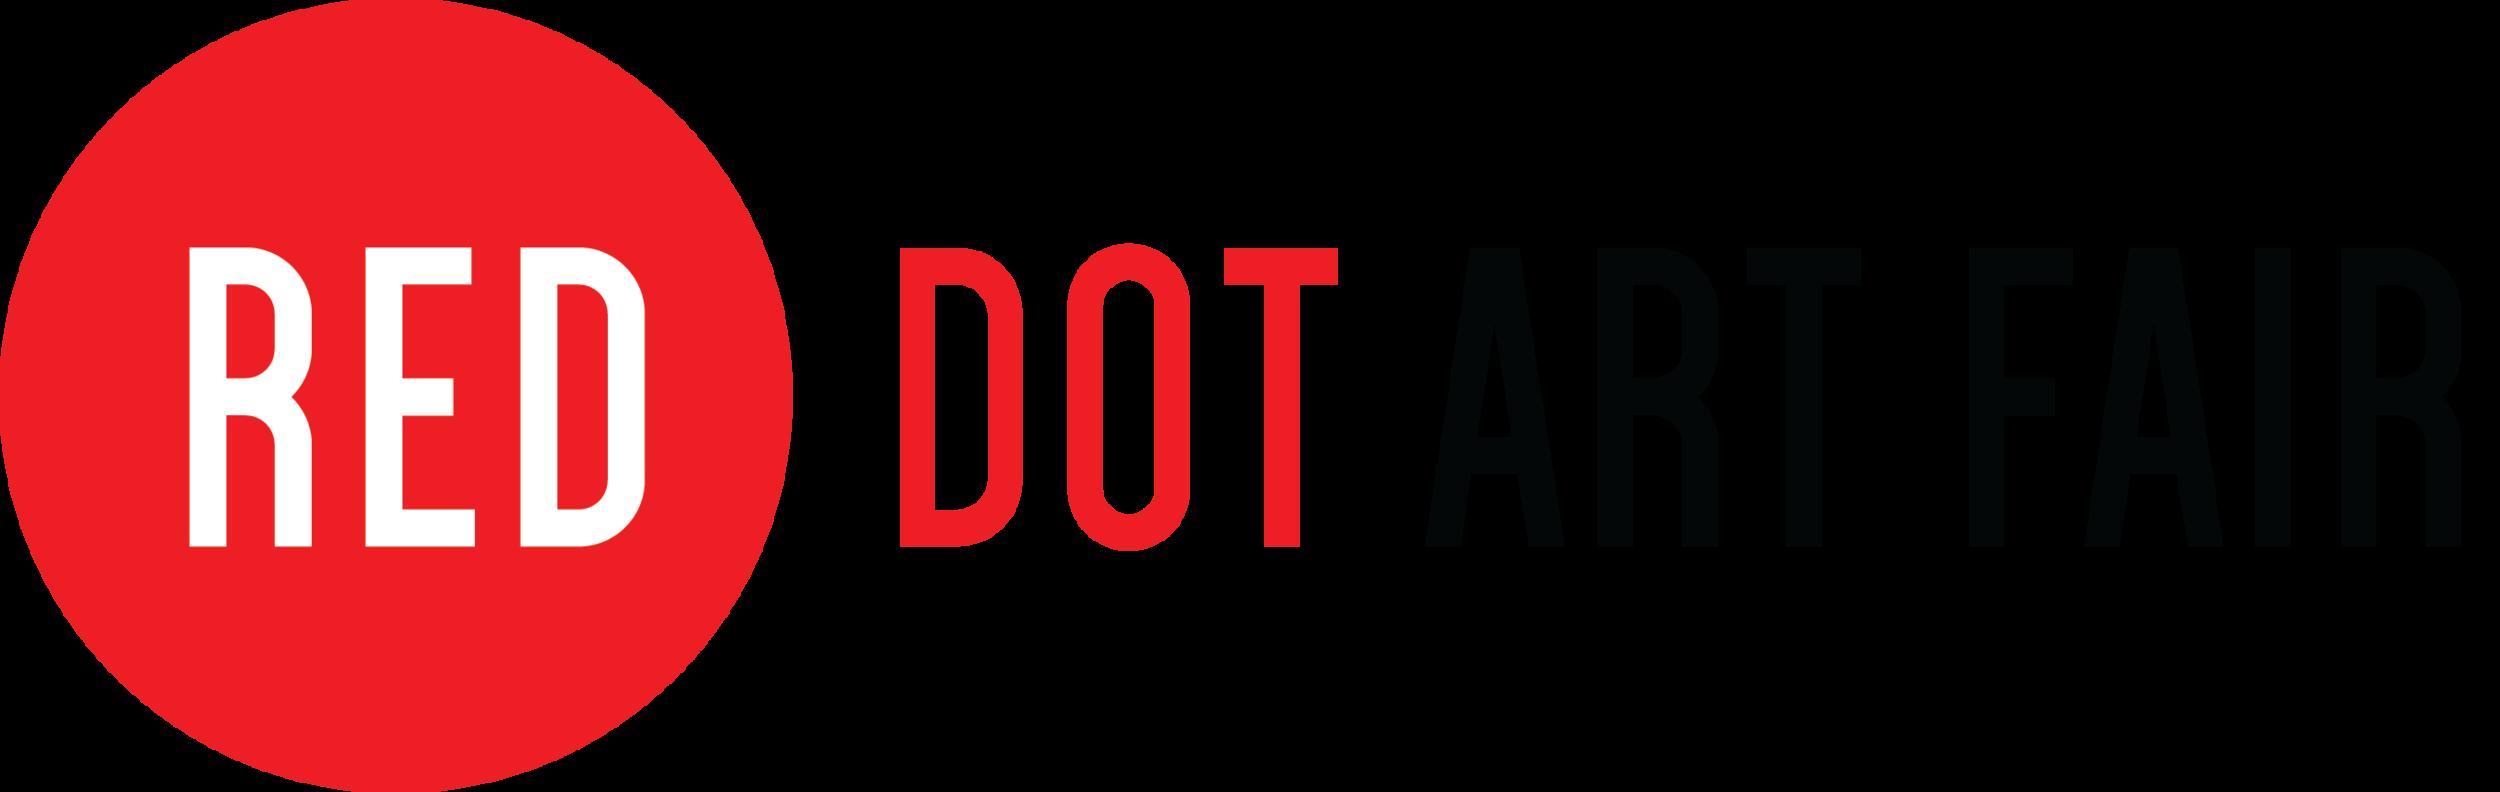 red_dot_logo.png